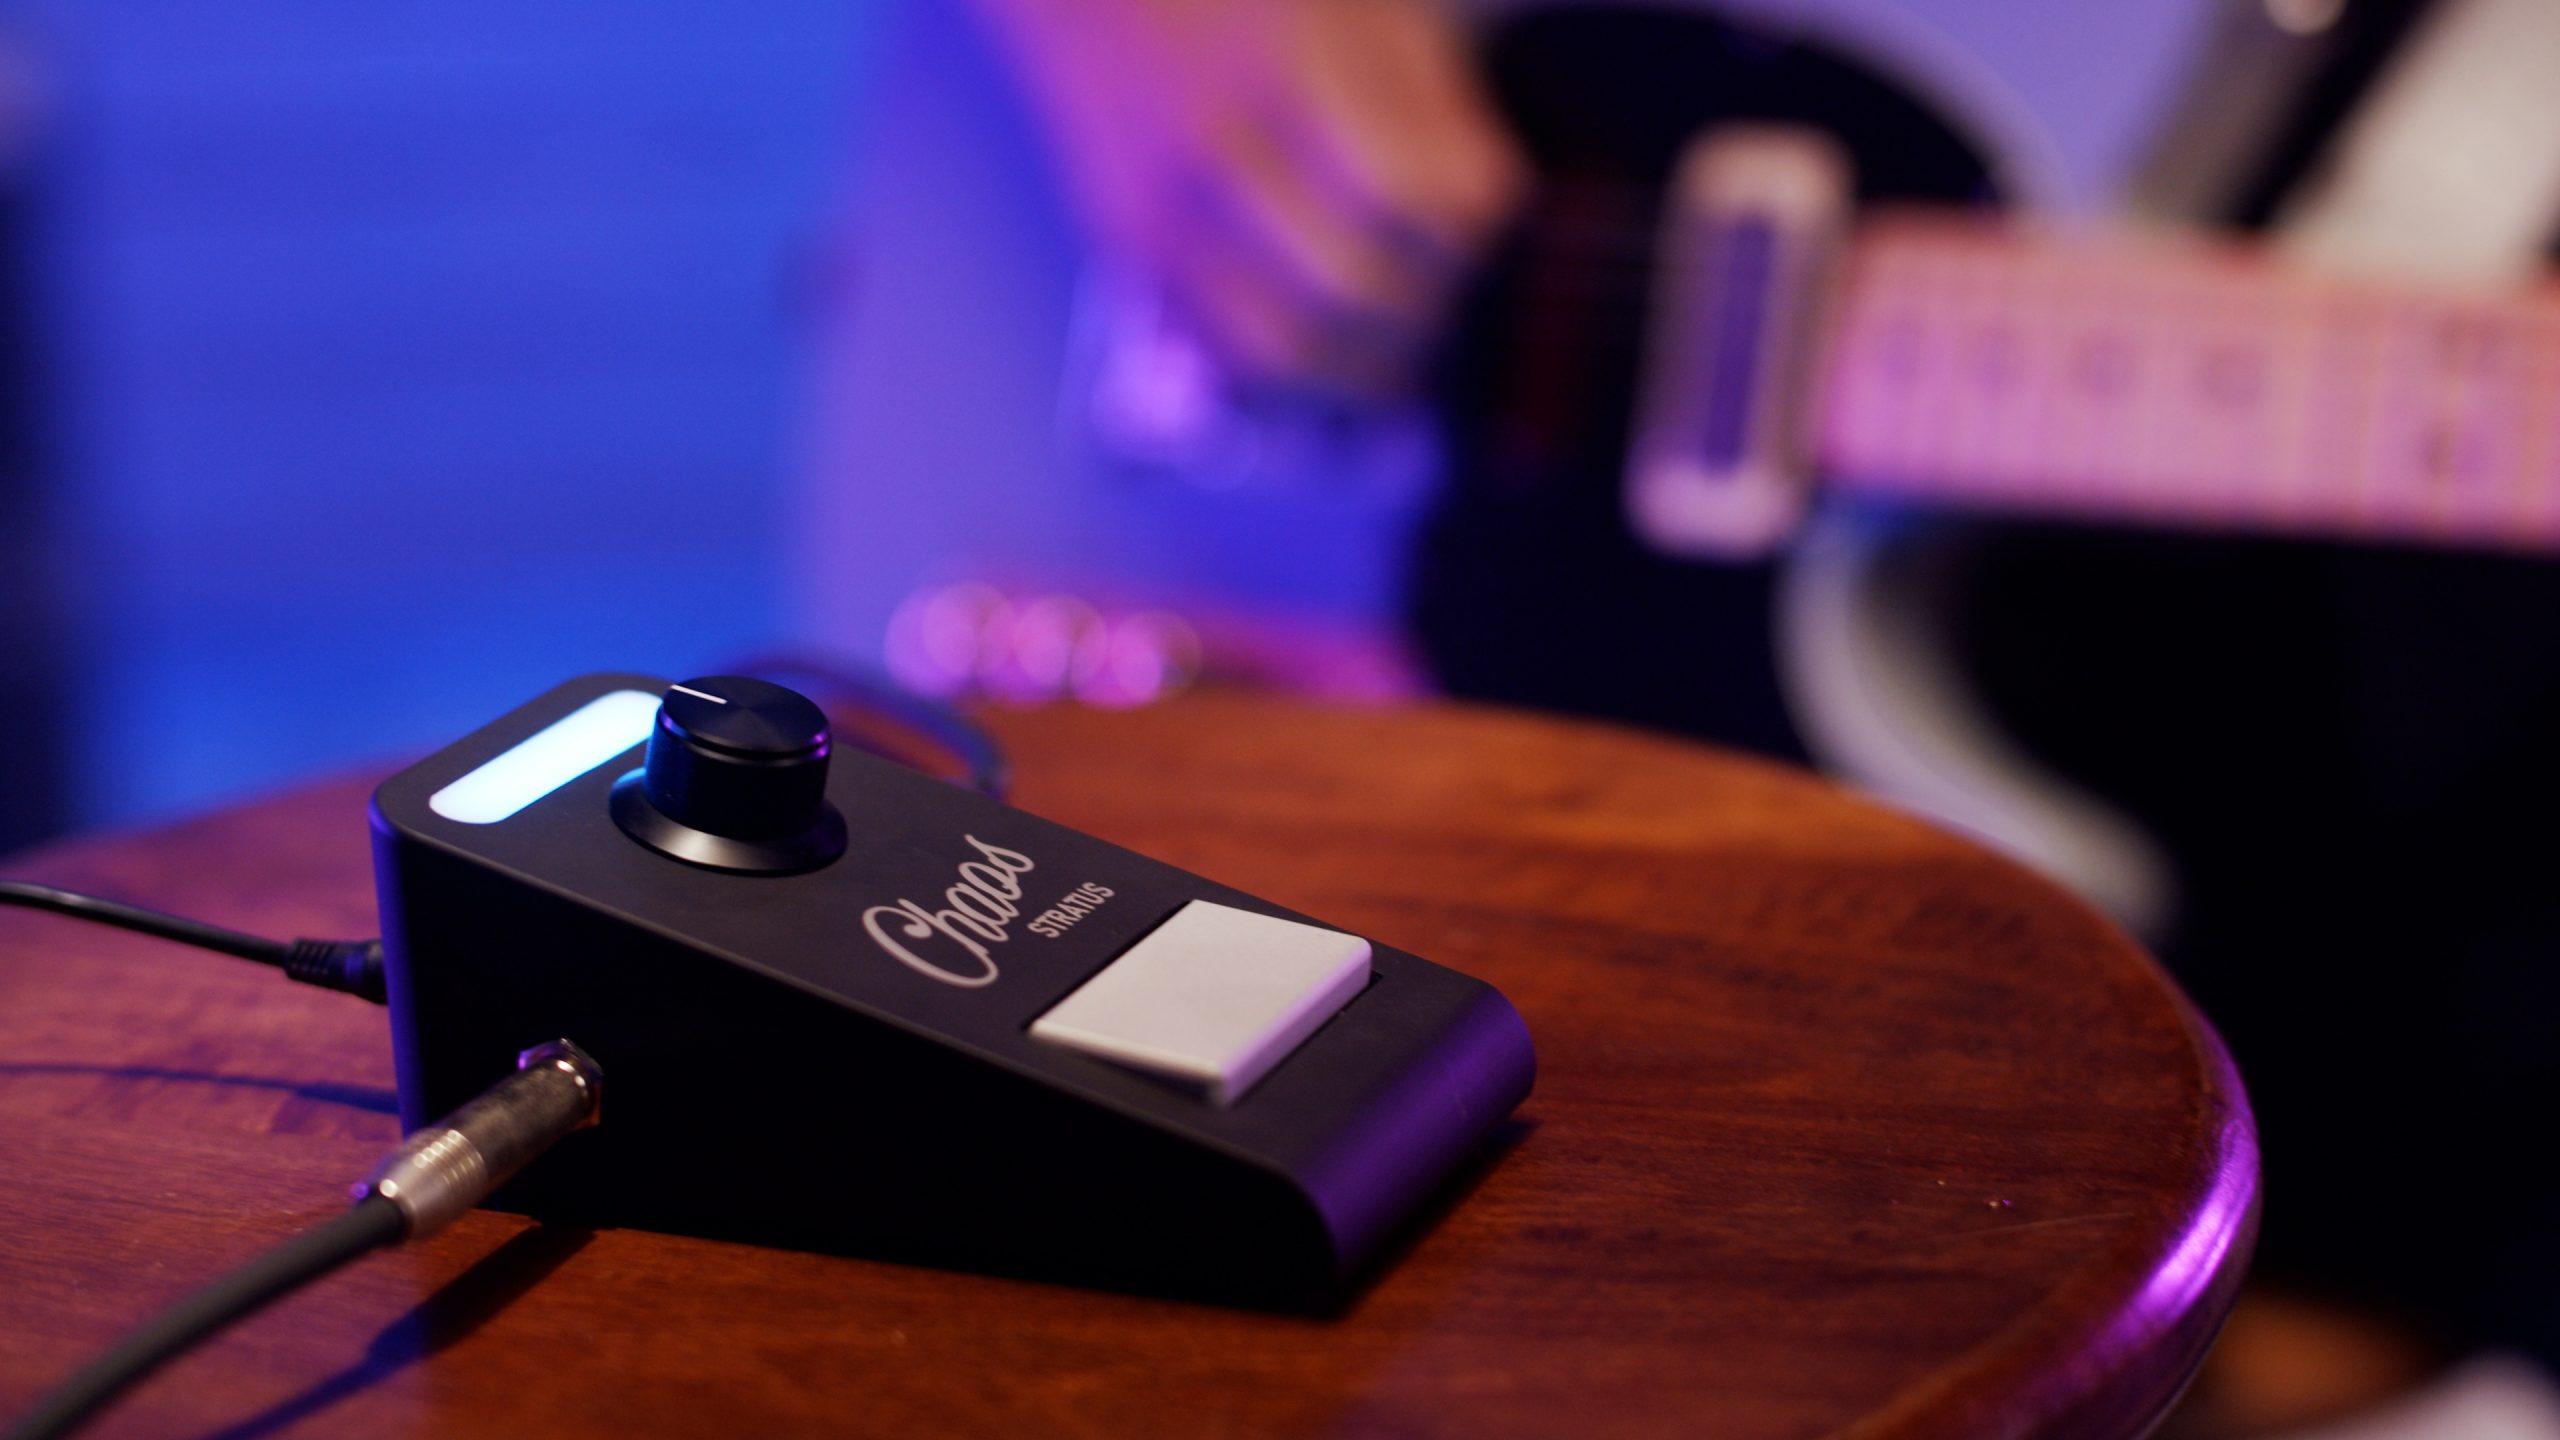 Chaos Audio Kickstarter for Stratus Guitar Pedal Going Strong